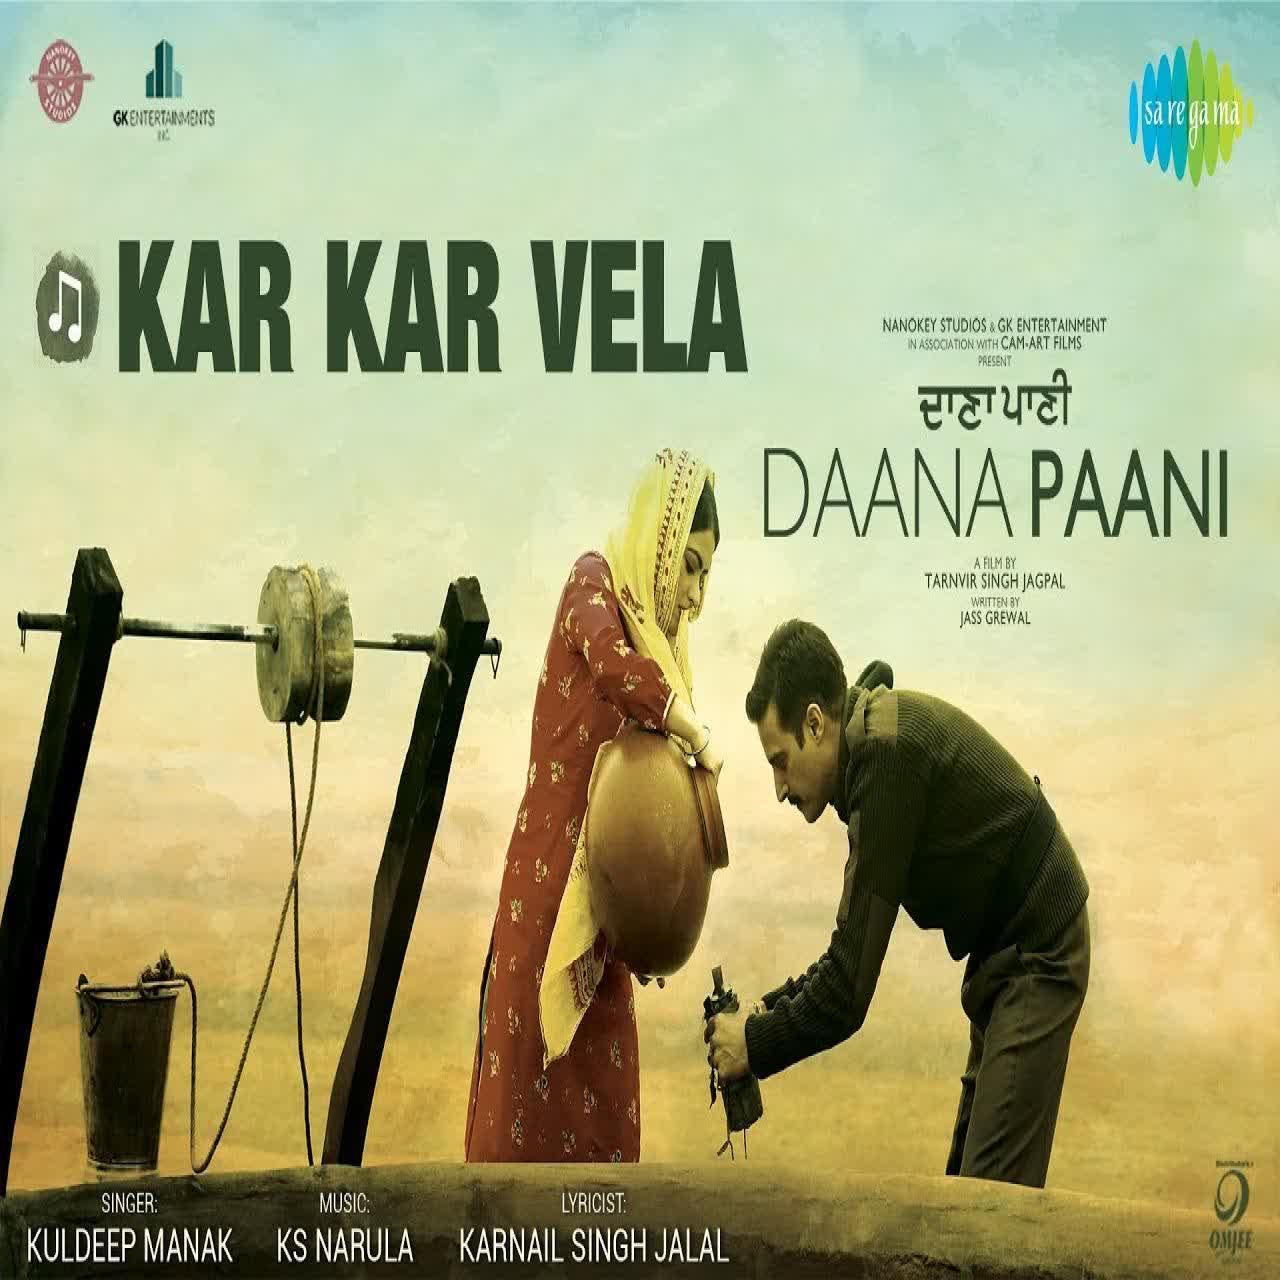 https://cover.djpunjab.org/42487/300x250/Kar_Kar_Vela_Kuldeep_Manak.jpg